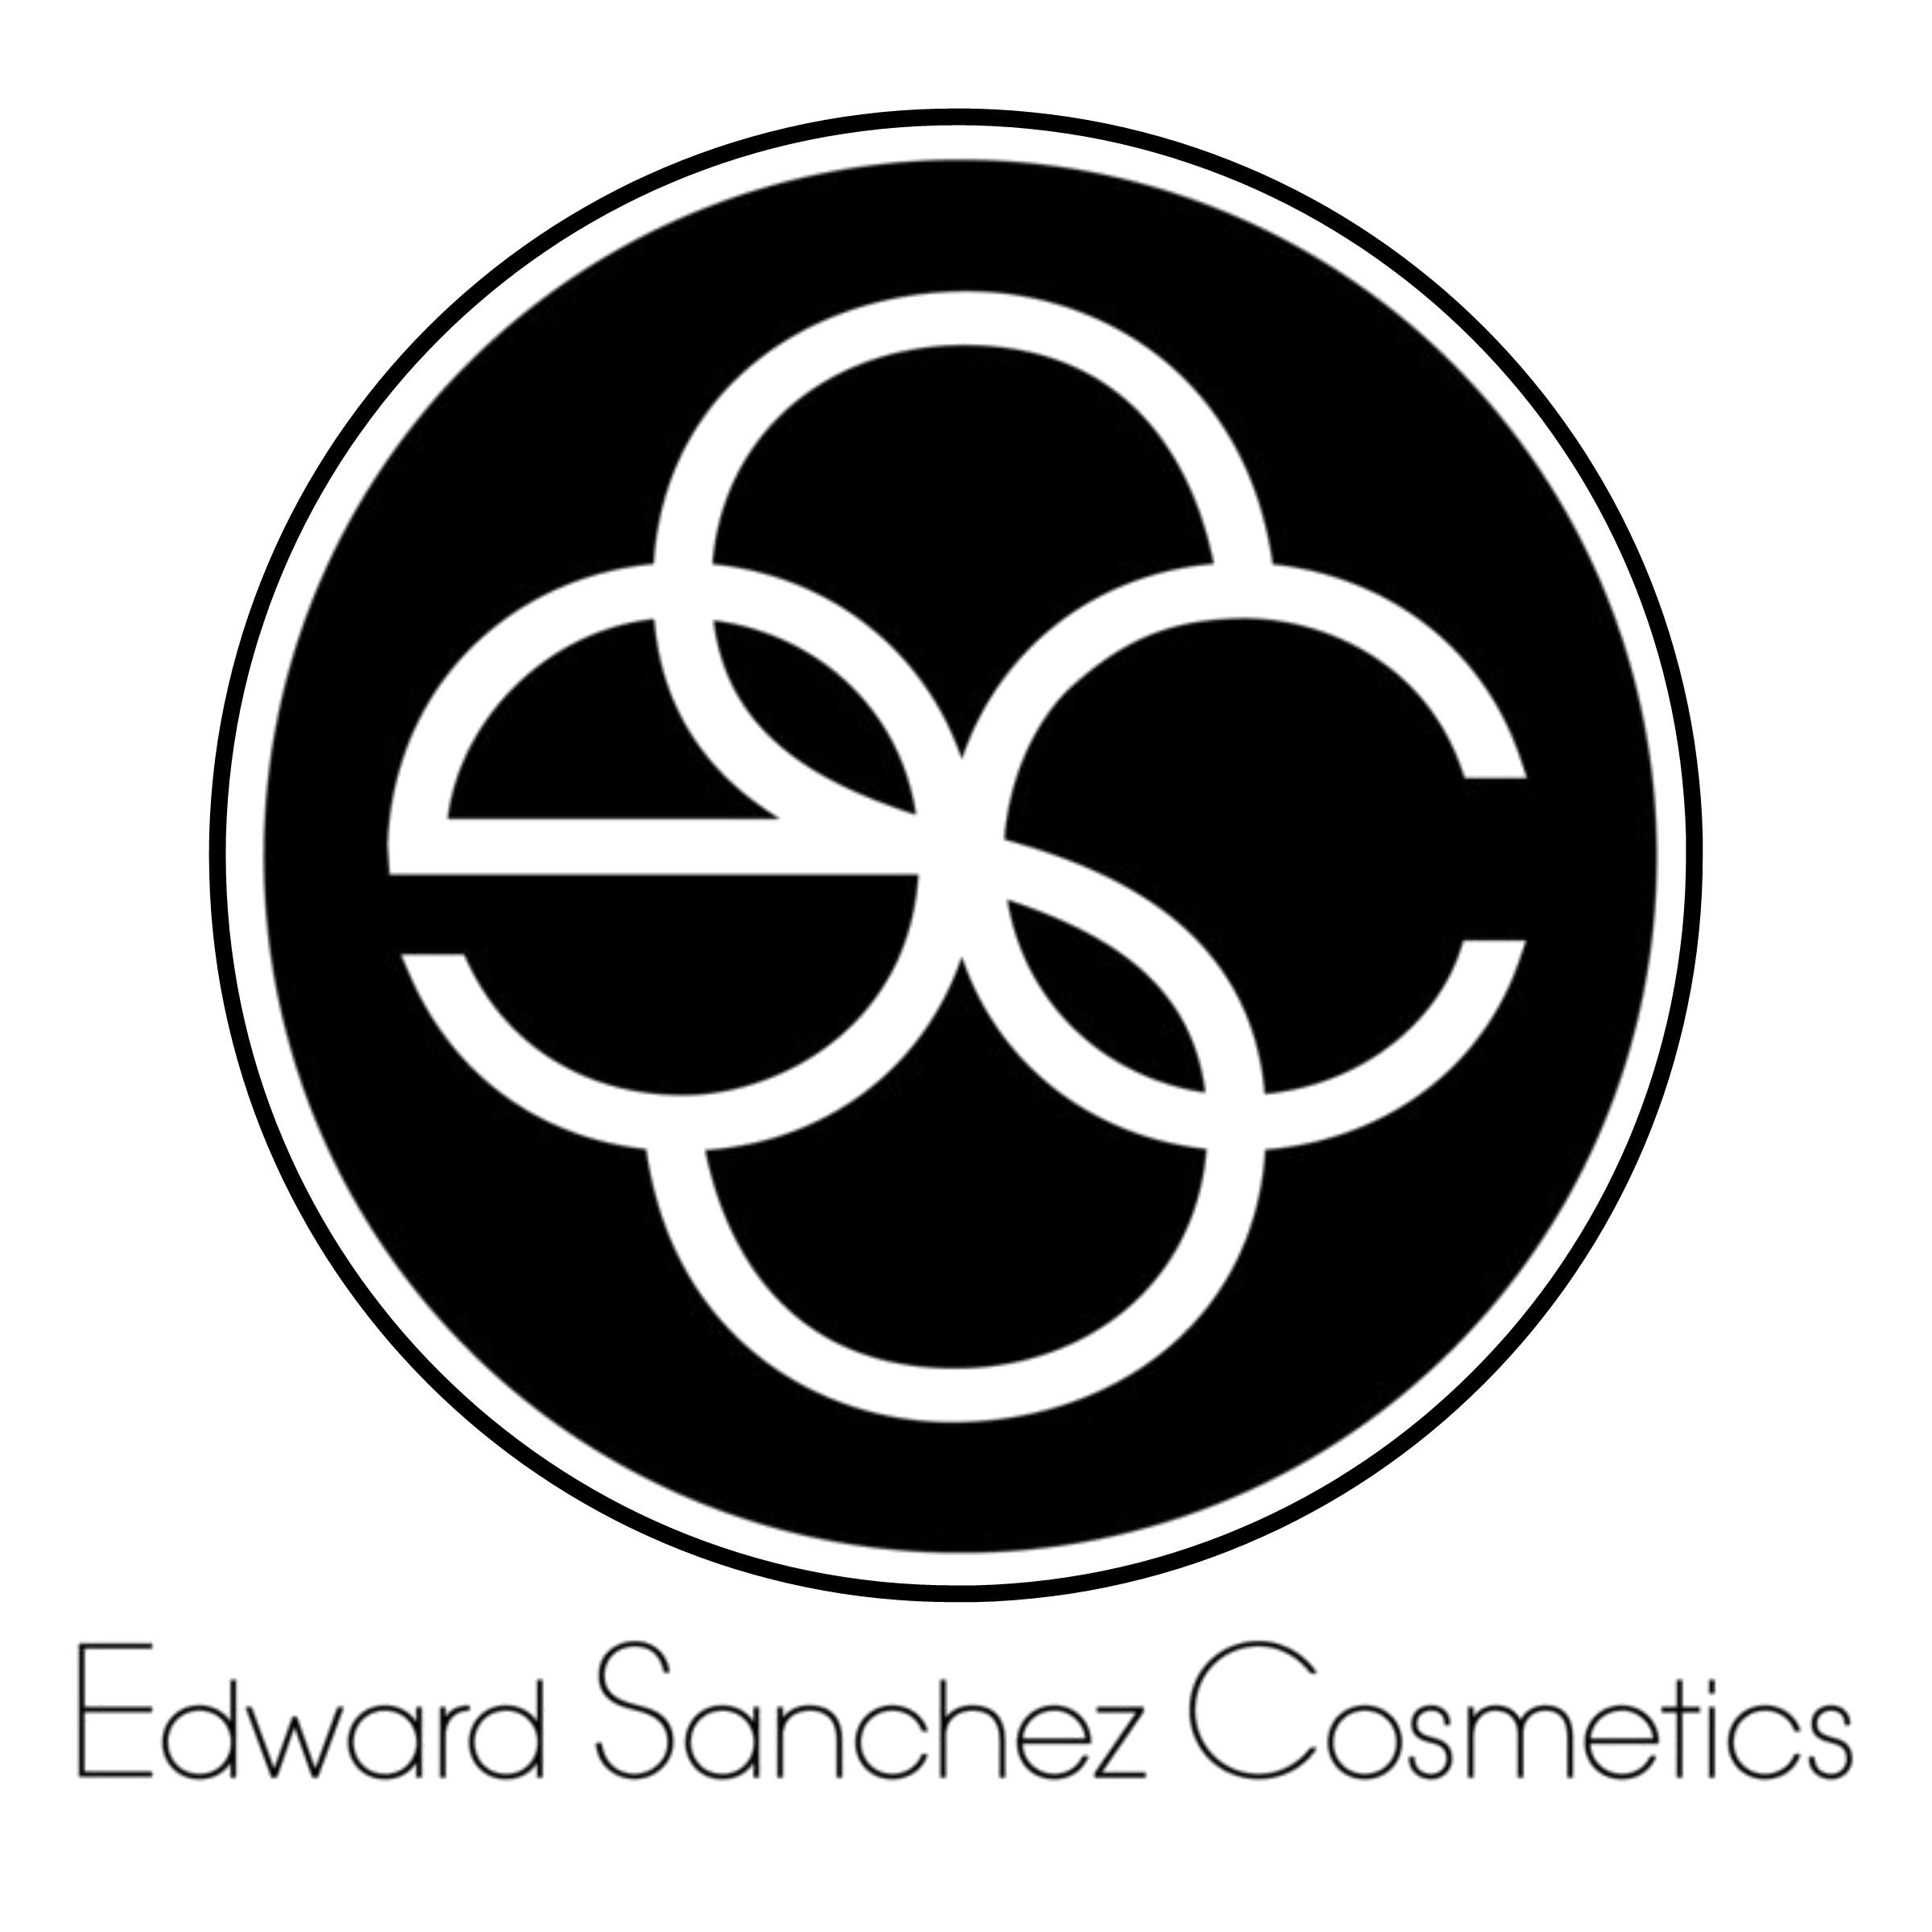 Edward Sanchez Cosmetics